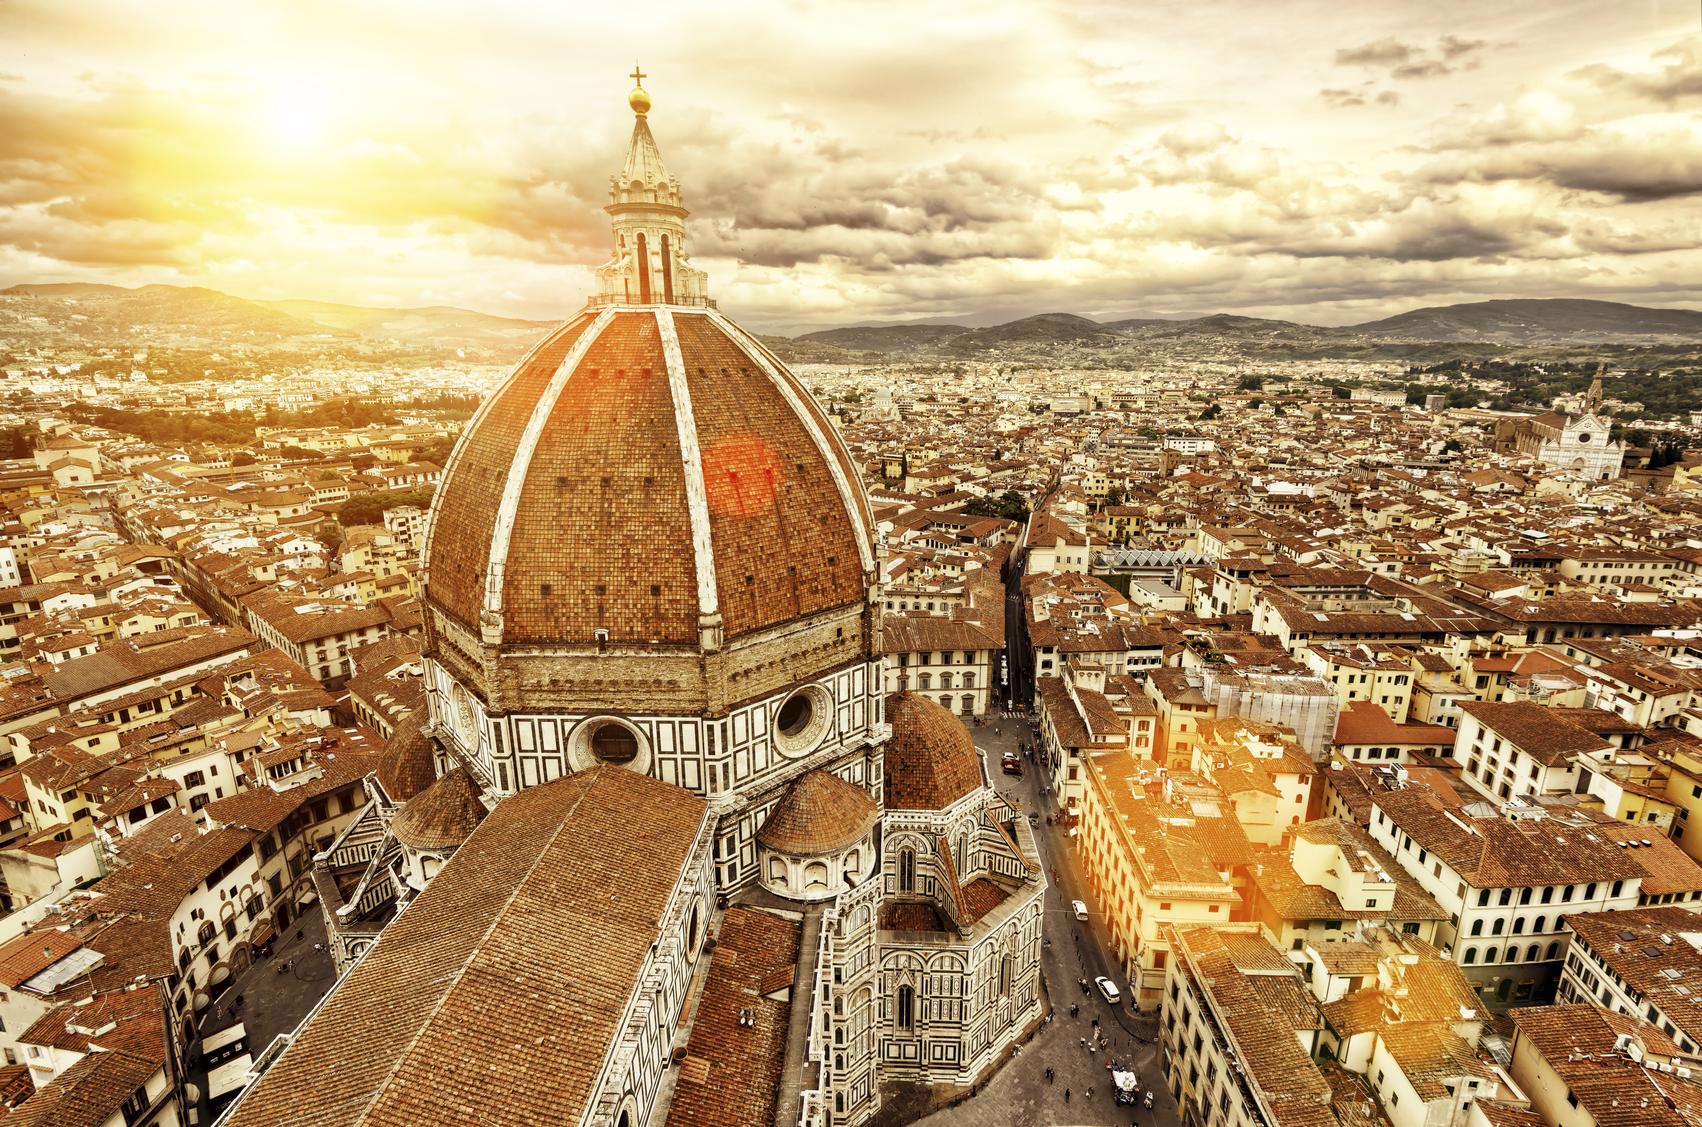 Firenze is ongetwijfeld één van de meest romantische steden ter wereld. (foto istock)